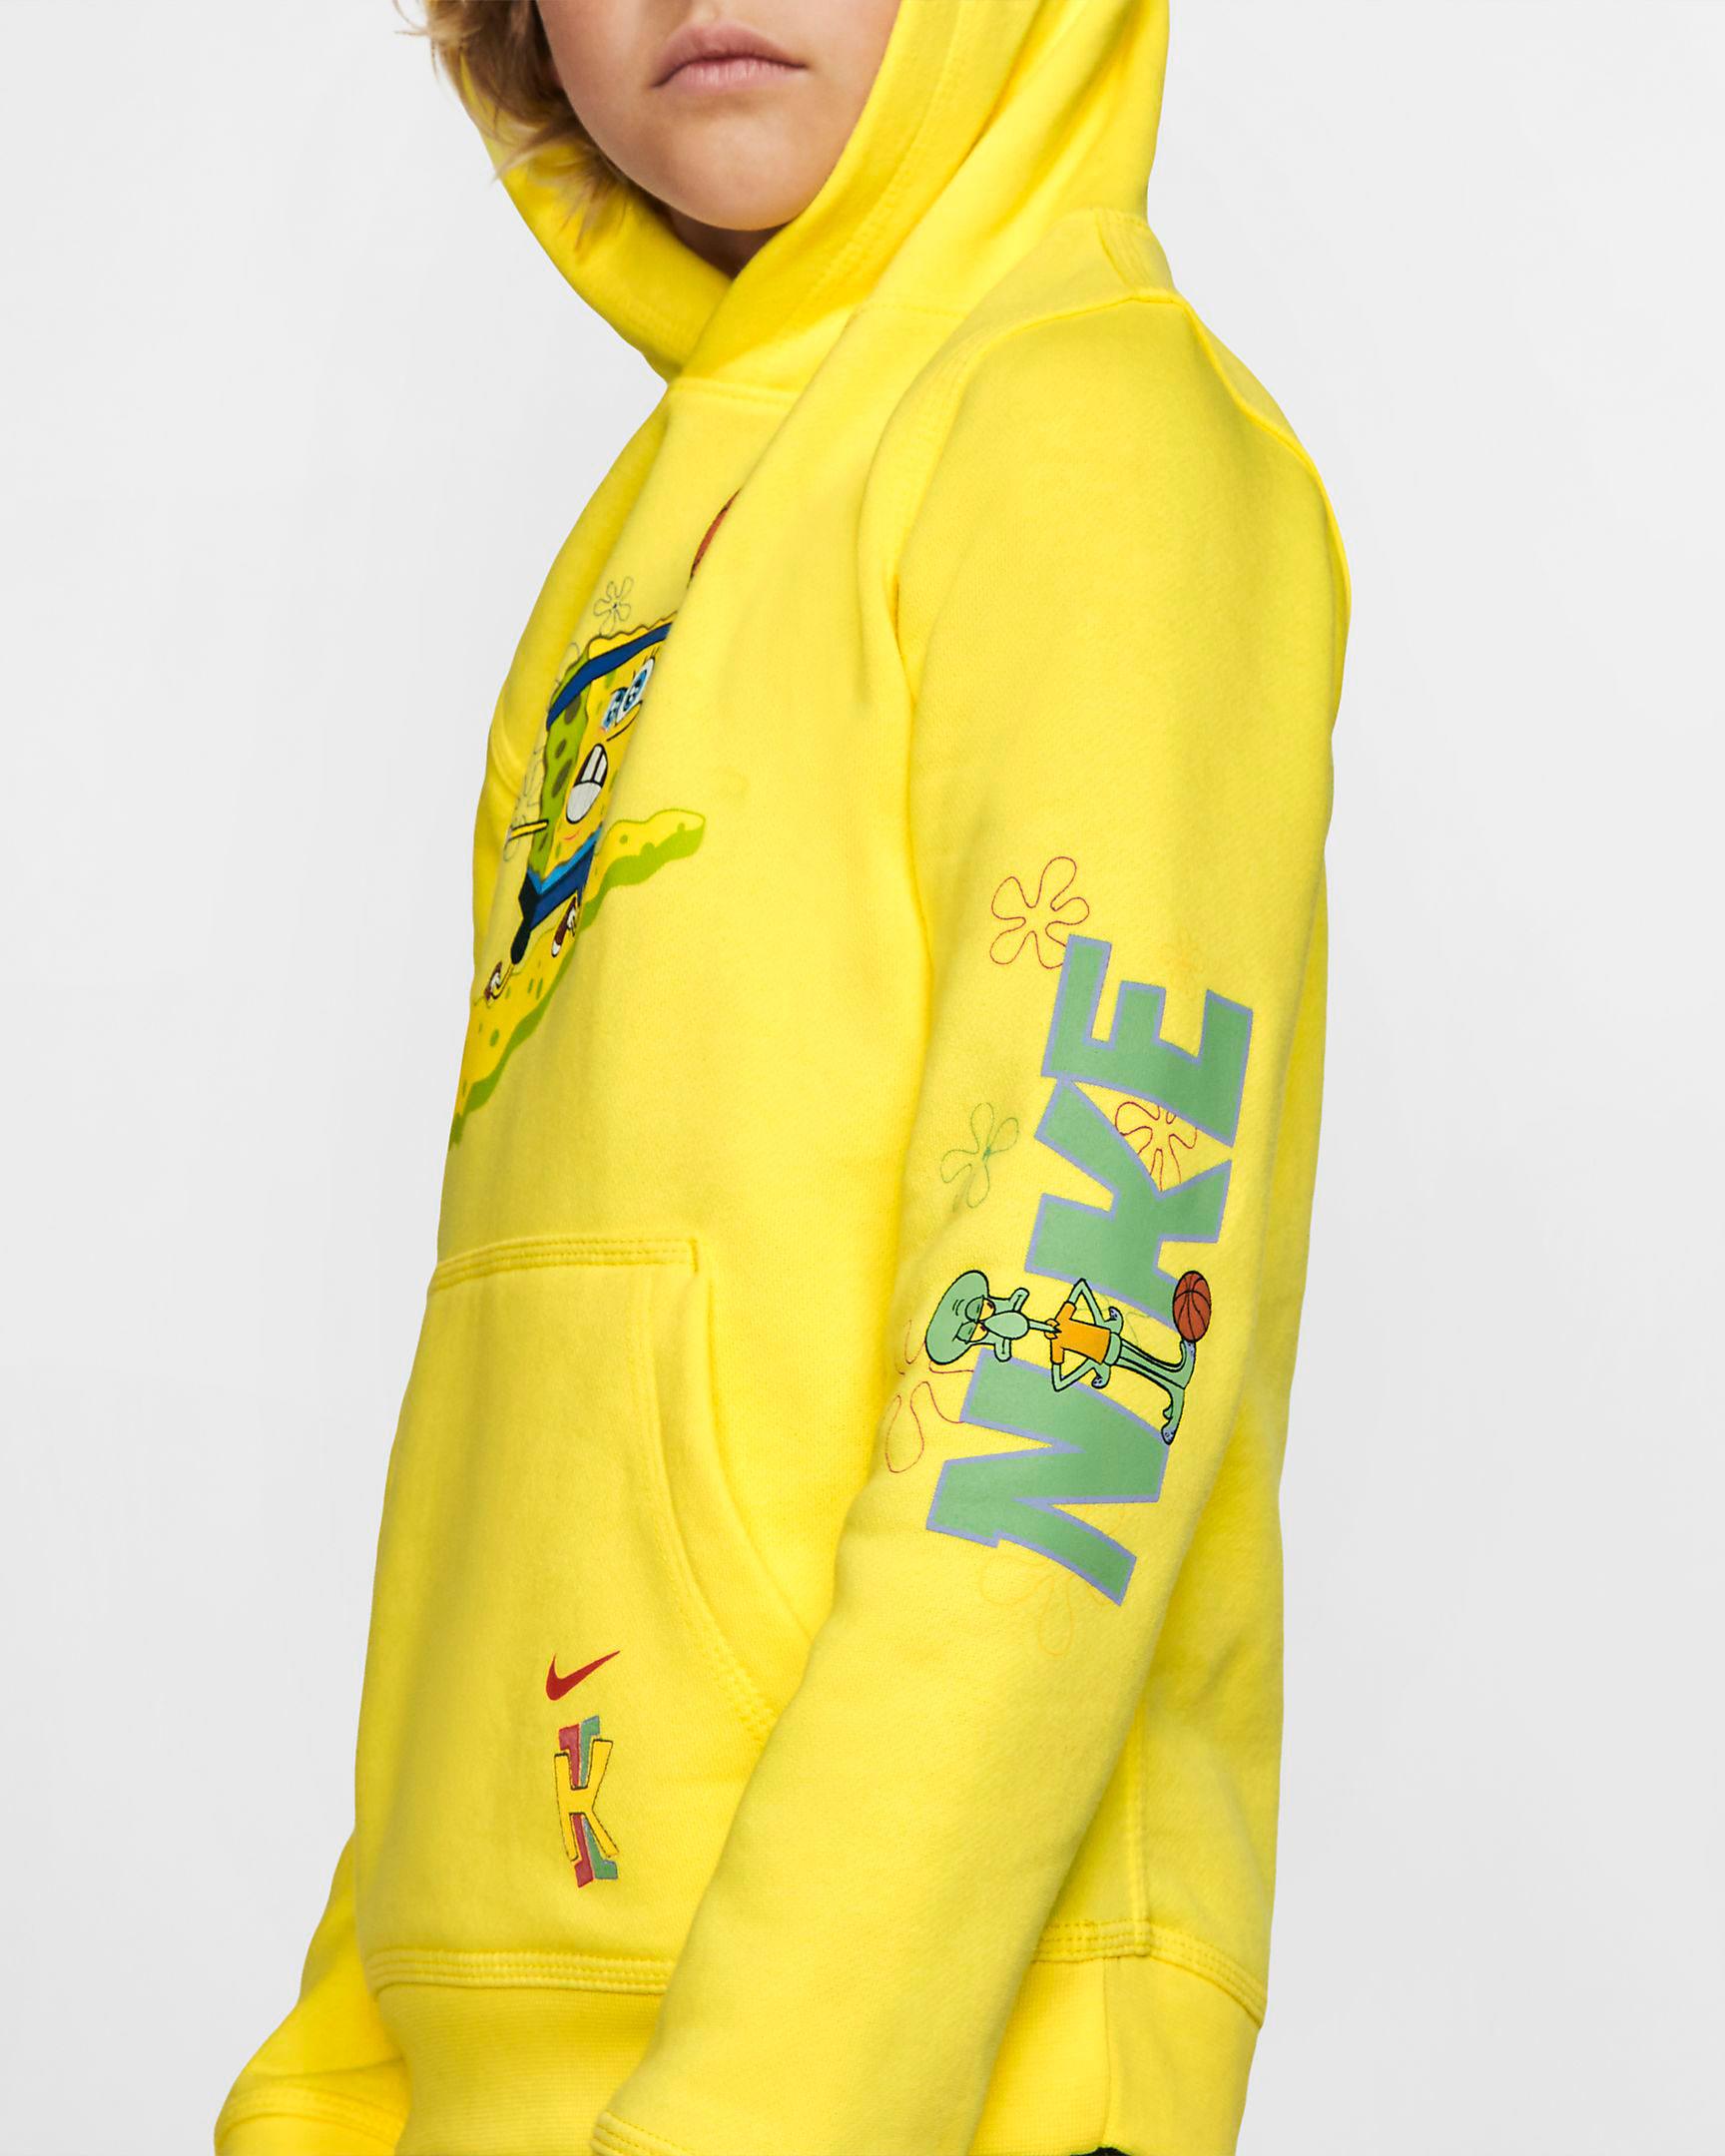 nike-kyrie-spongebob-kids-hoodie-yellow-3